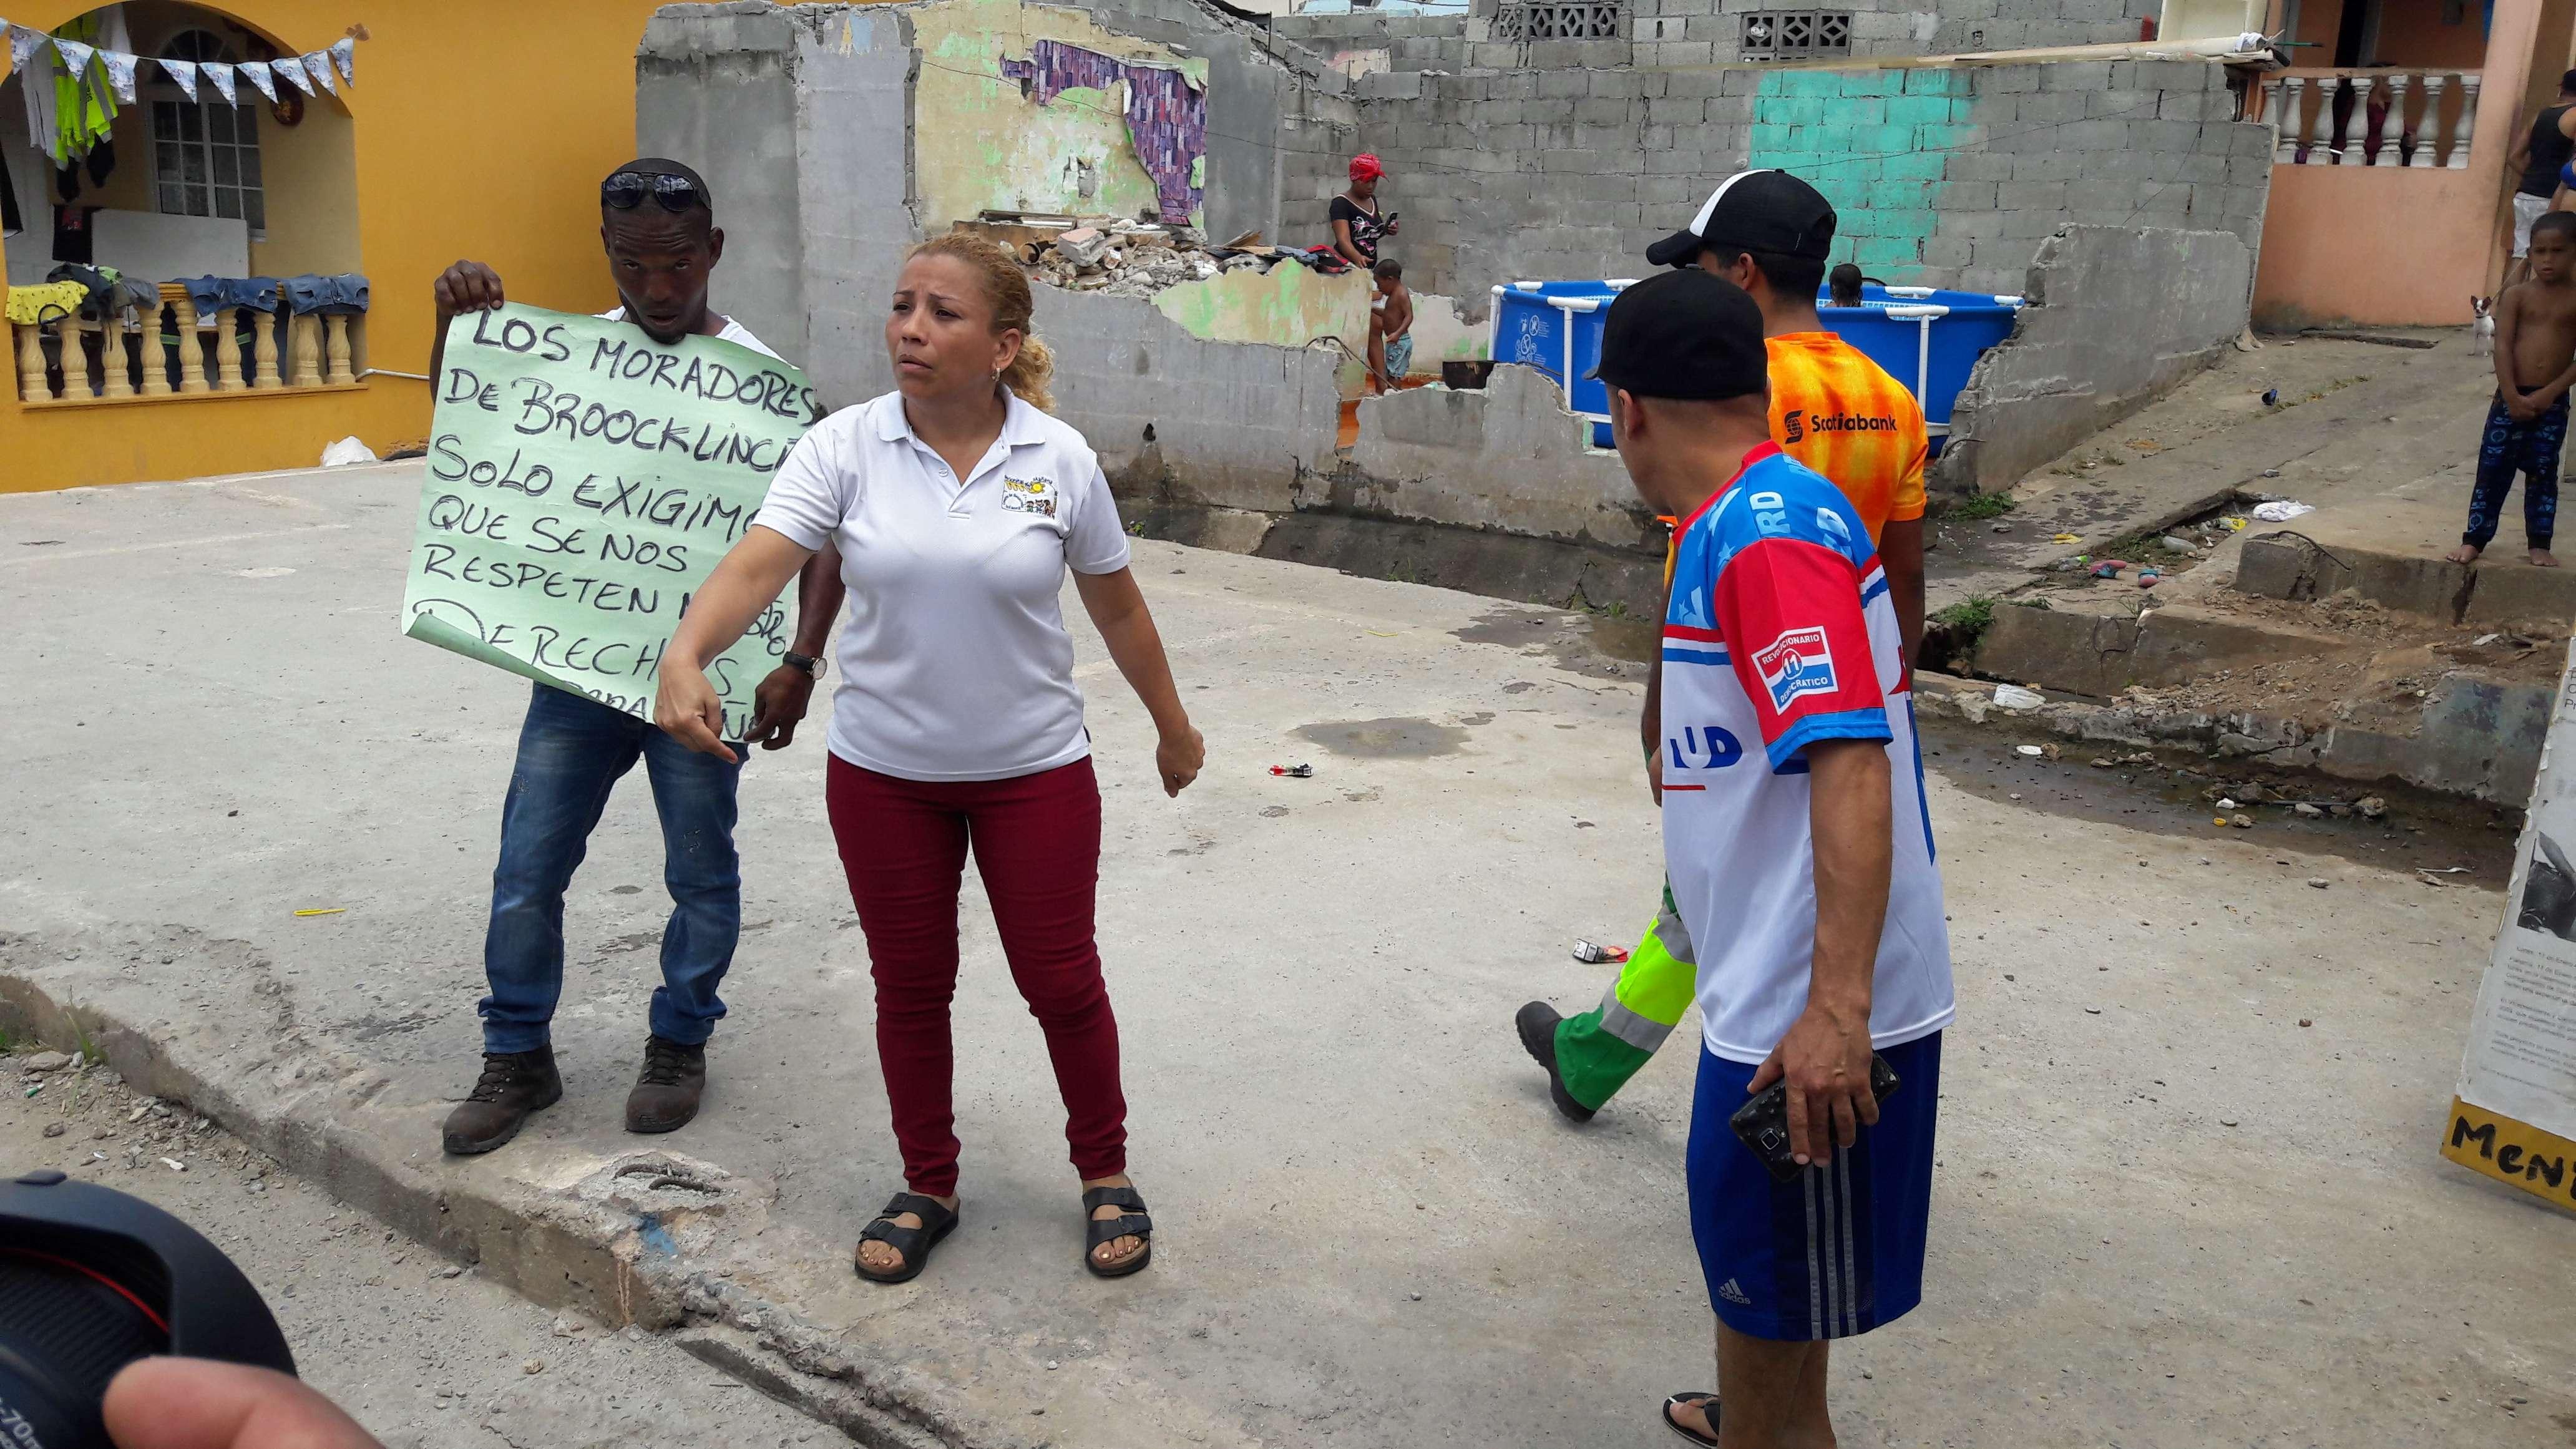 Piden que las autoridades respeten sus derechos. Fotos: Jean Carlos Díaz